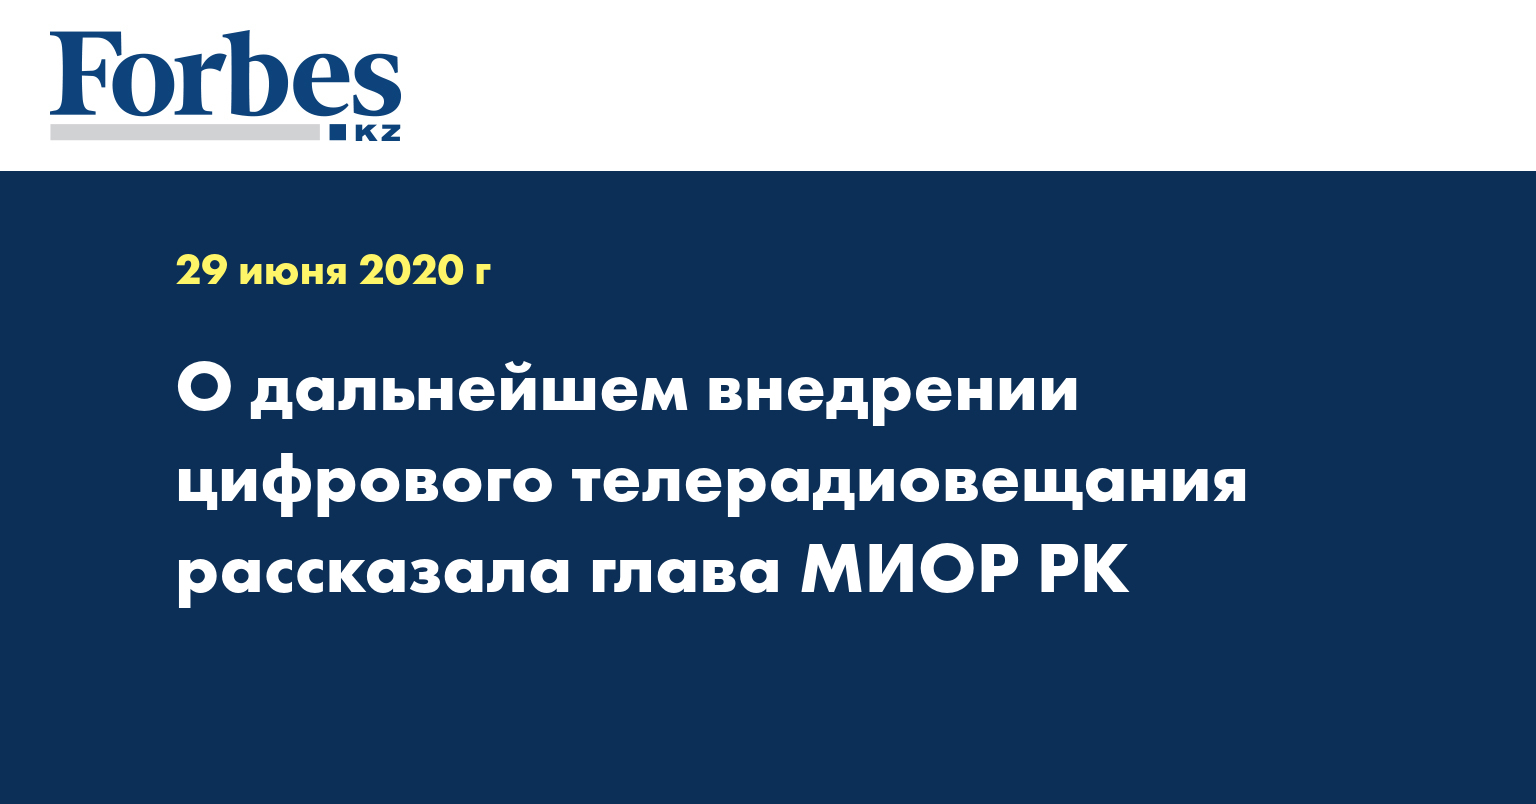 О дальнейшем внедрении цифрового телерадиовещания рассказала глава МИОР РК